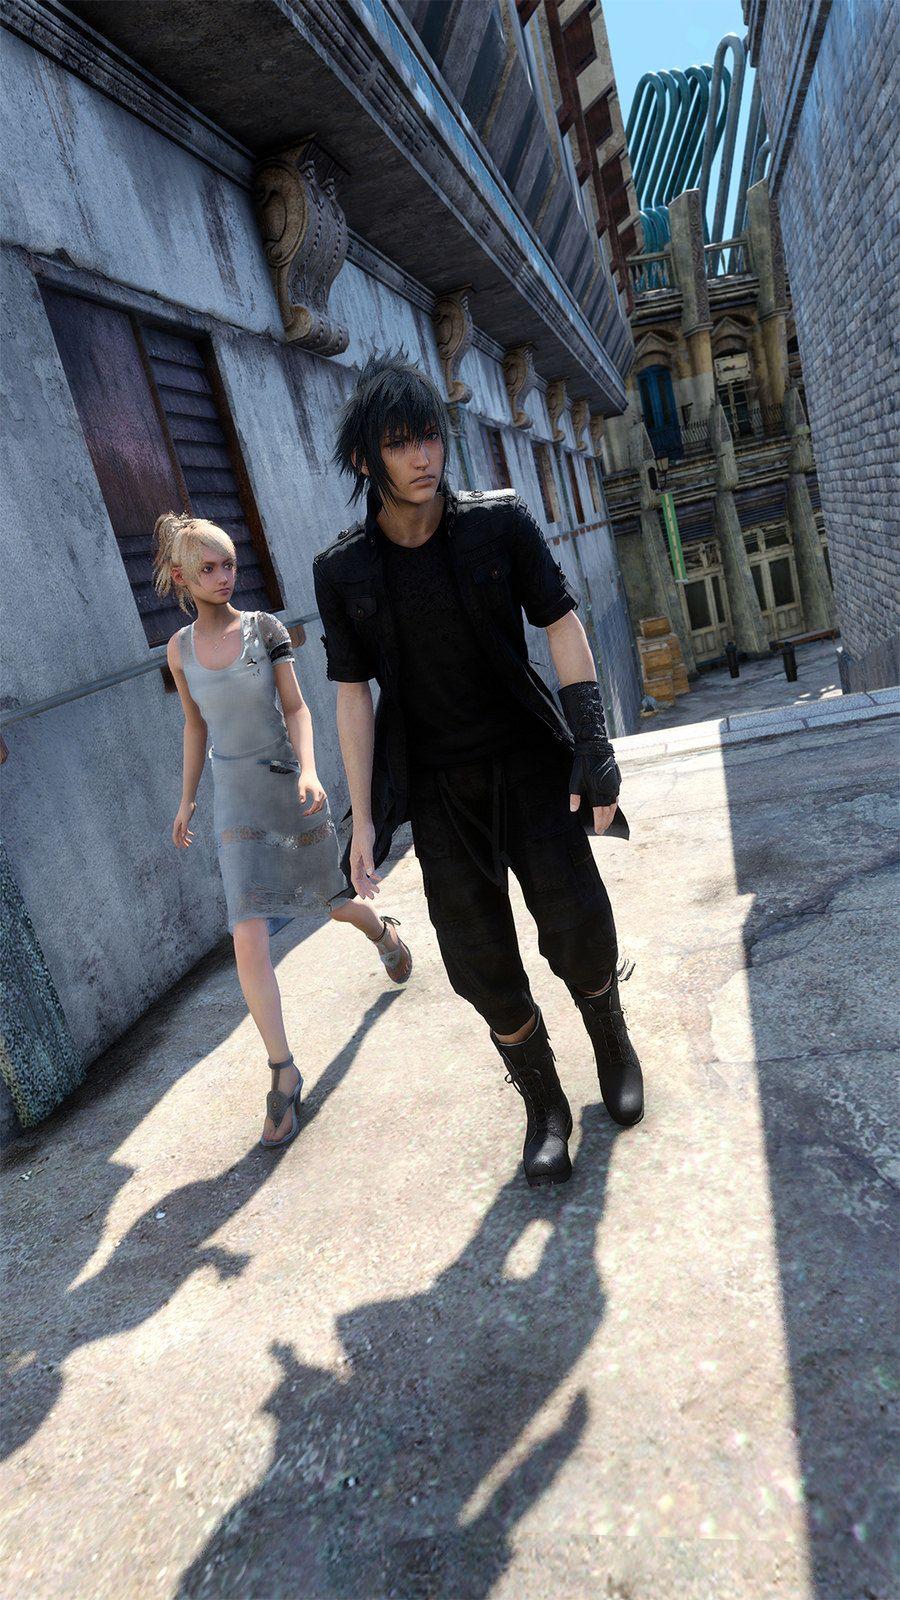 Final Fantasy XV | Final Fantasy | Final fantasy xv, Yuna